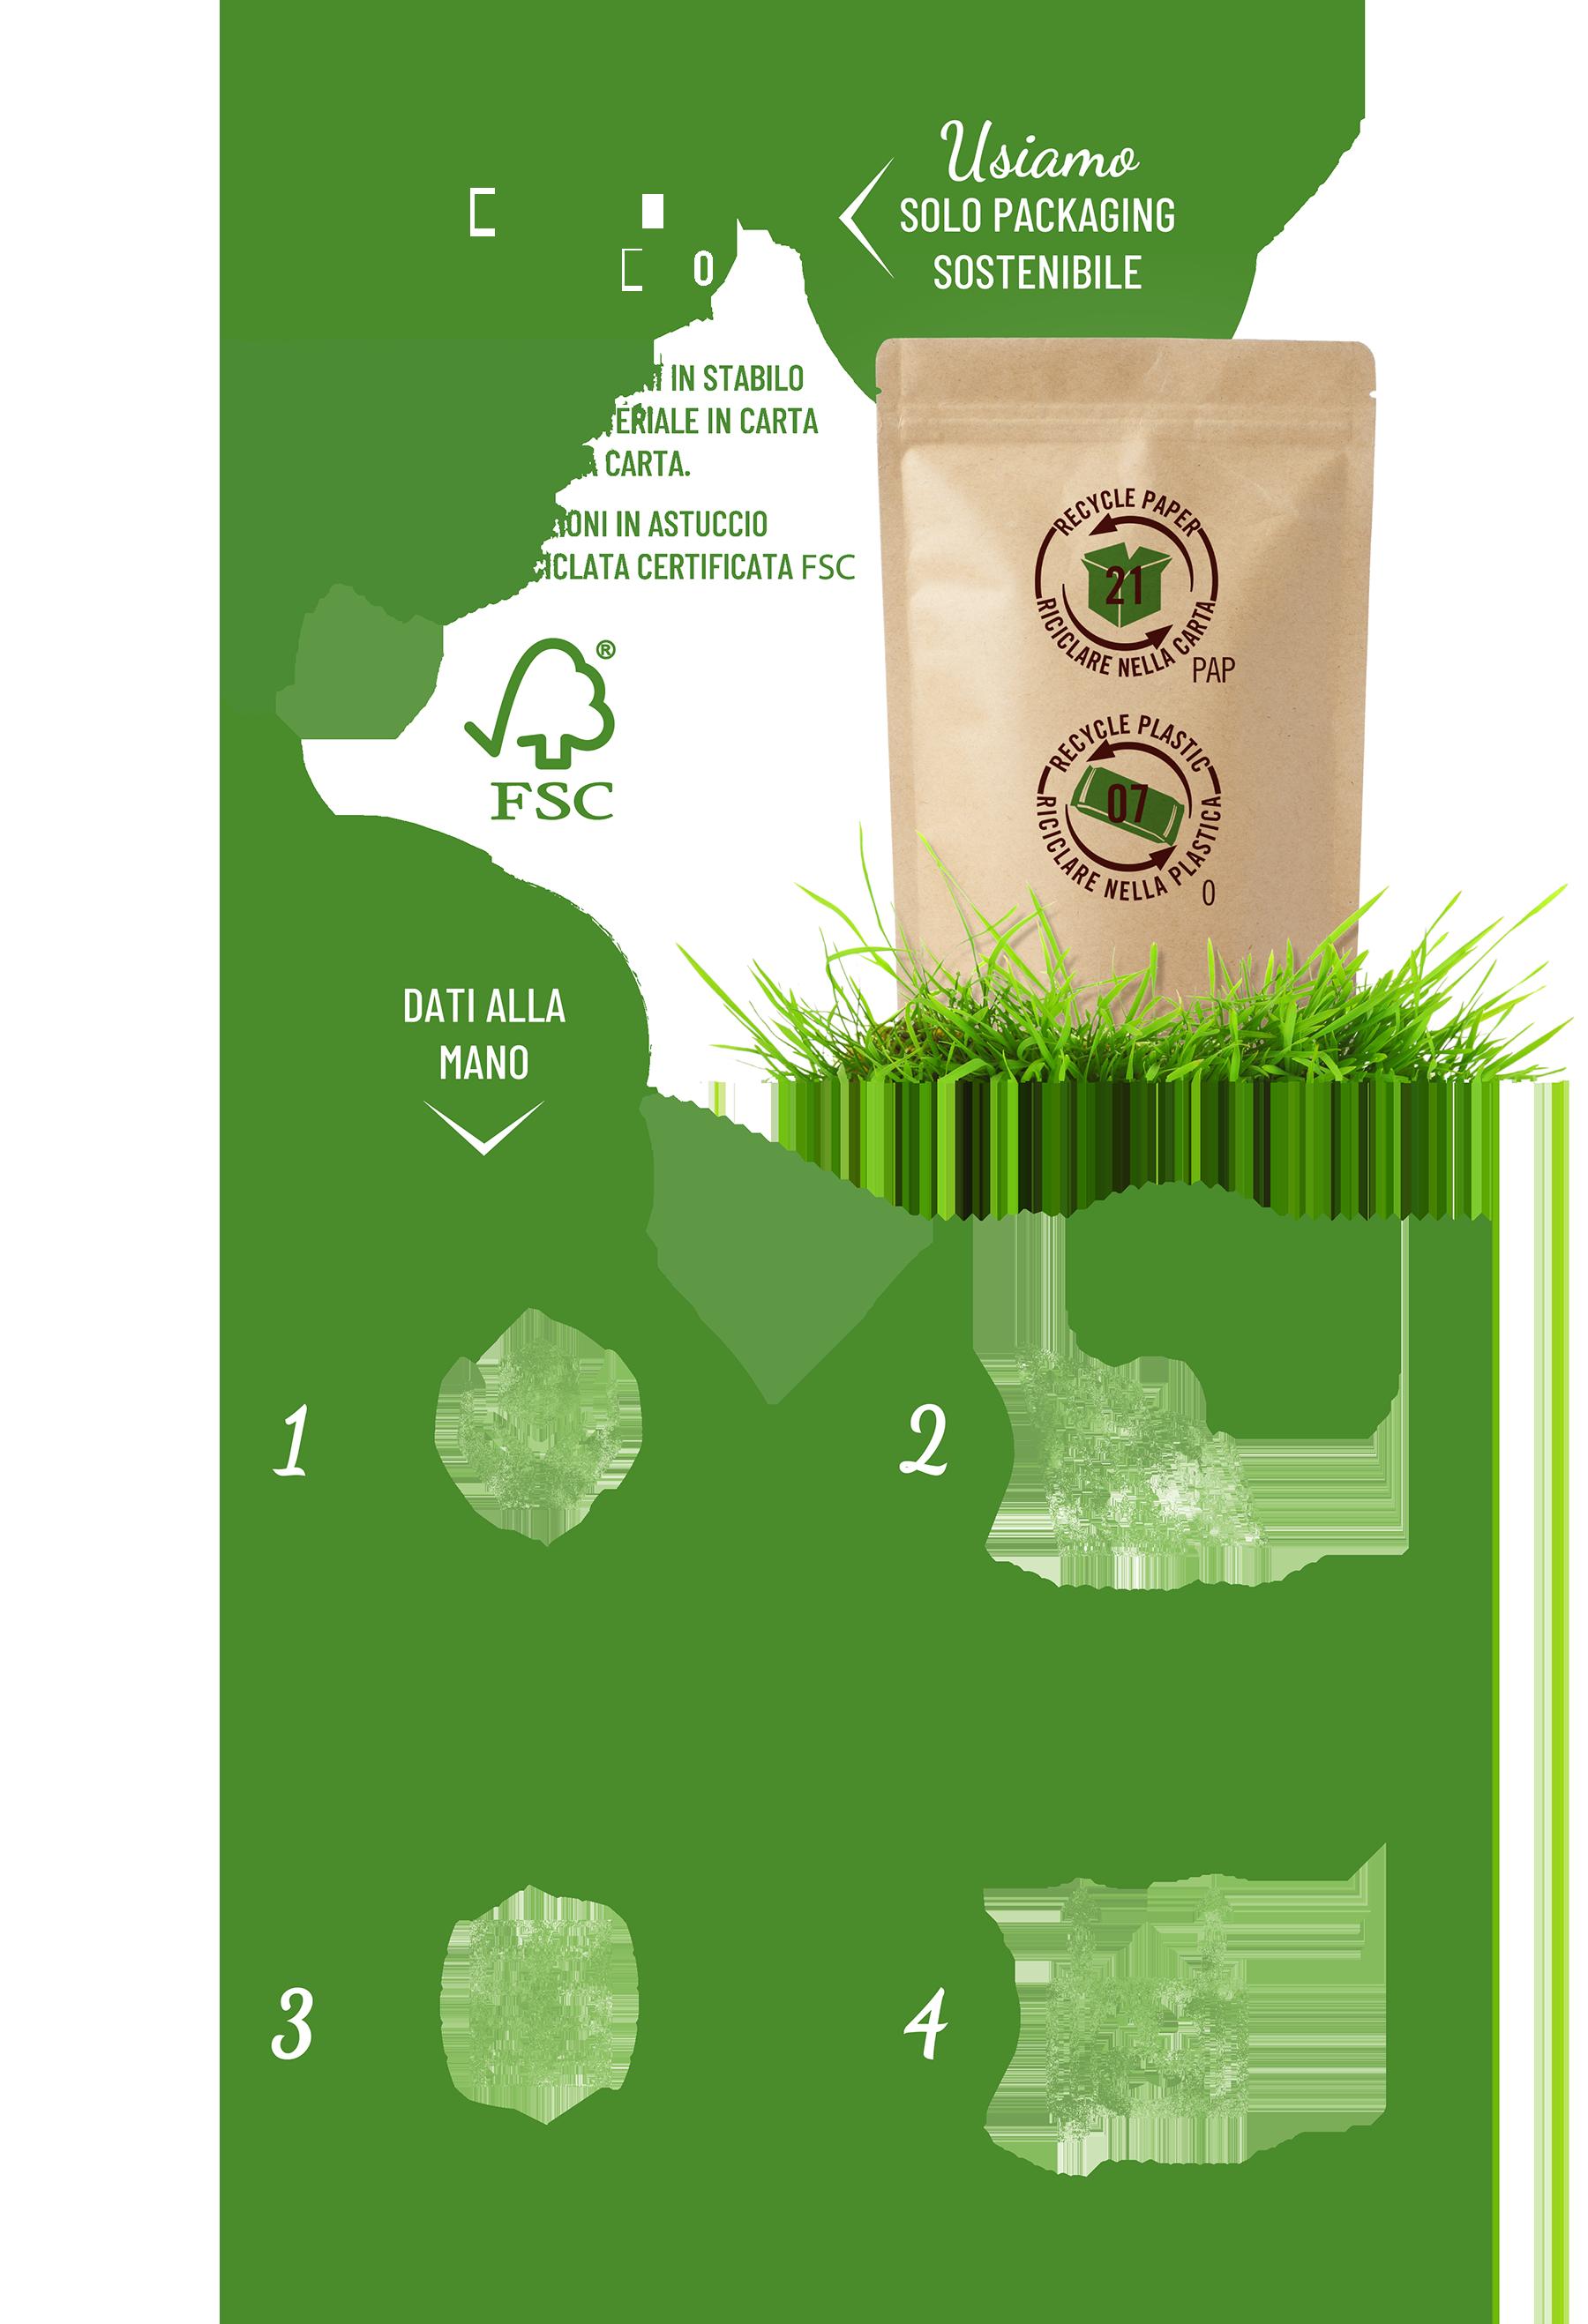 Usiamo Solo Packaging Sostenibili Con Carta Riciclata